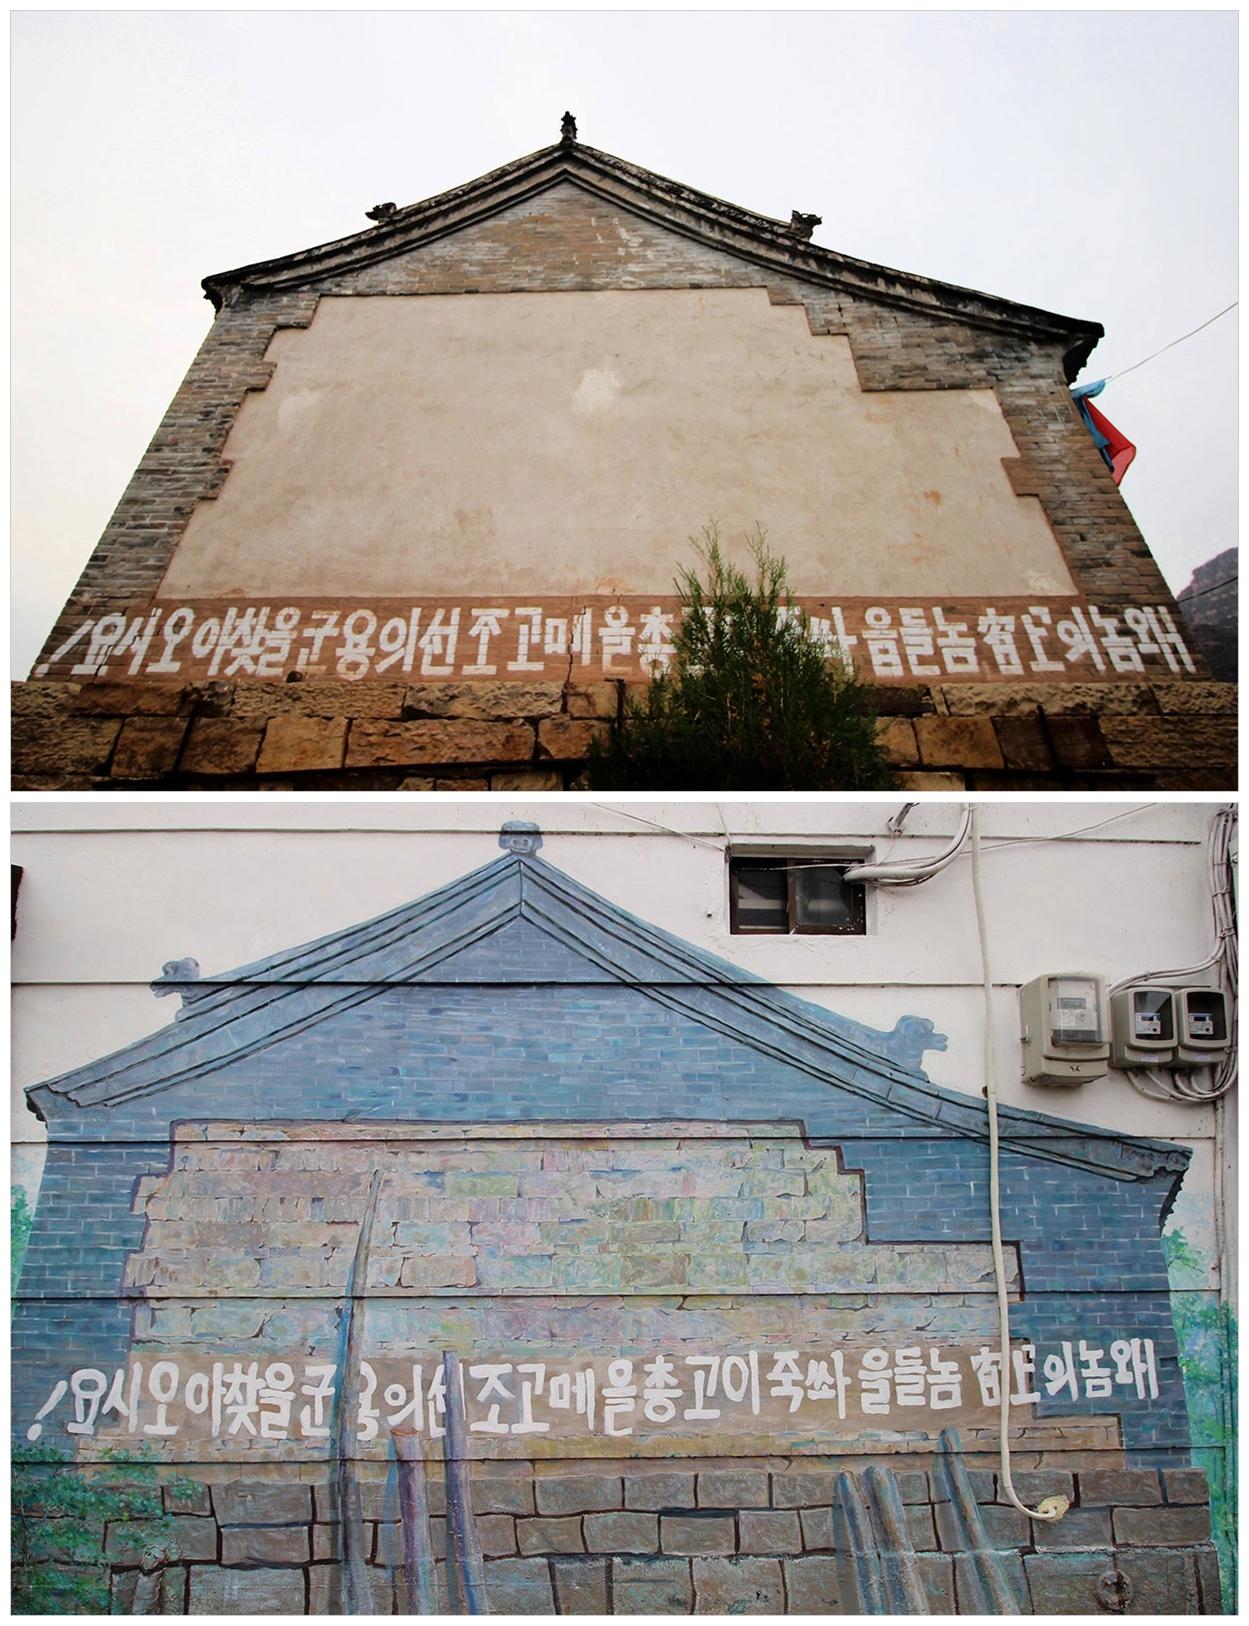 """타이항산 자락 윈터우디춘(雲頭低村) 마을의 출입문 위에 쓰인 한글로 """"왜놈의 上官(상관)놈들을 쏴죽이고 총을 메고 조선의용군을 찾아오시오""""라고 씌어 있다.(위) 밀양시에 조성된 항일 테마거리에 재현되어 있는 구호(아래)"""